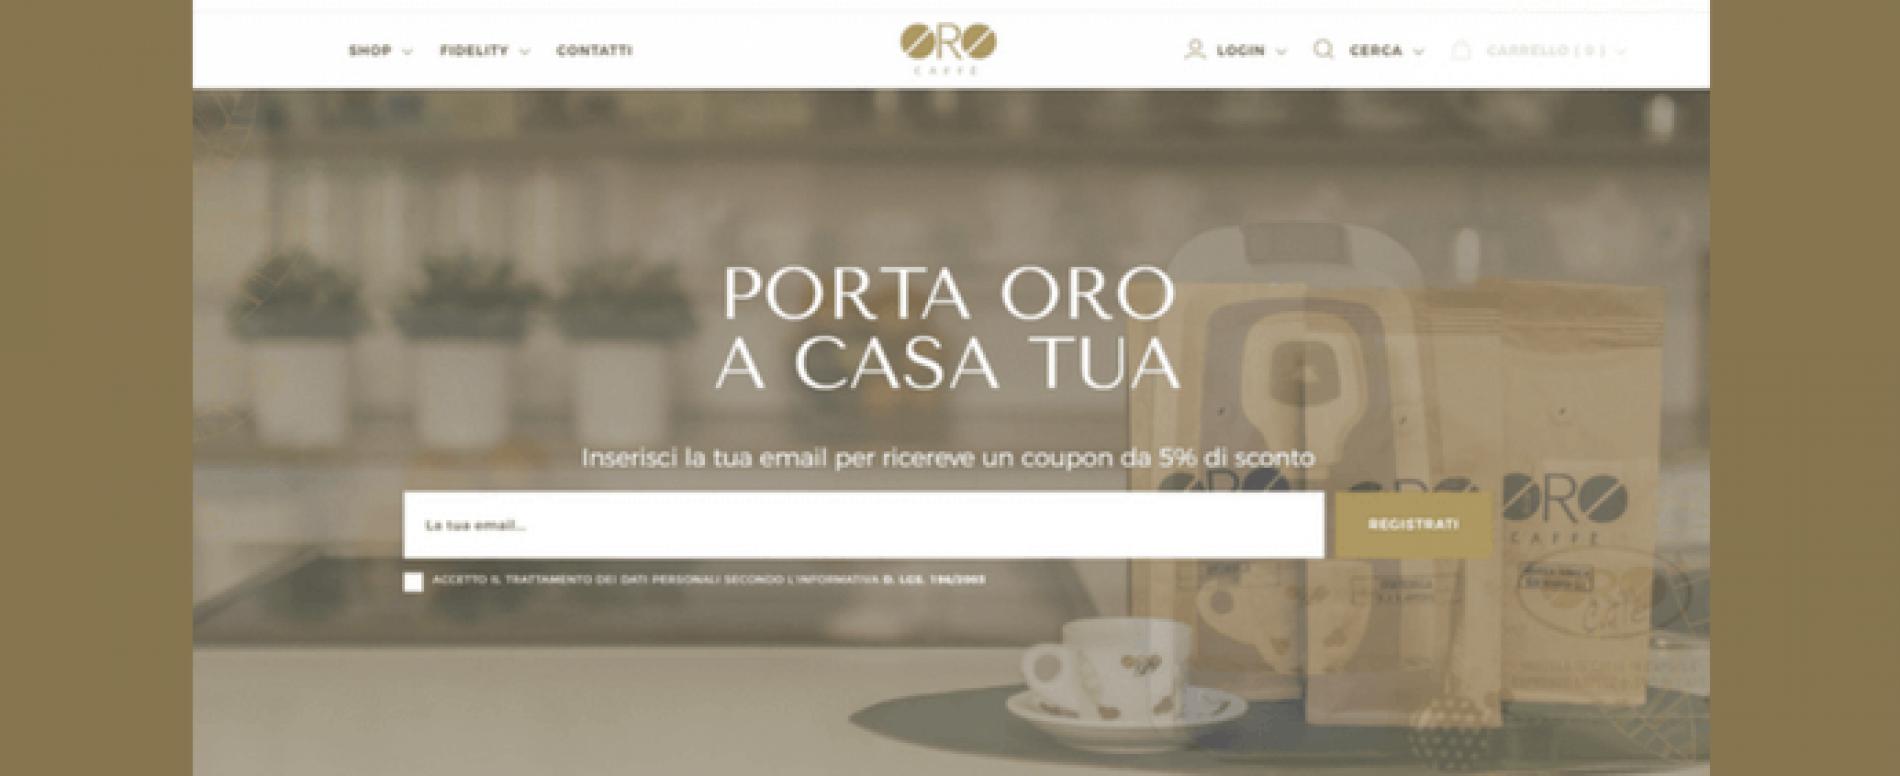 32cc078f8f2a Nasce il nuovo shop online di Oro Caffè